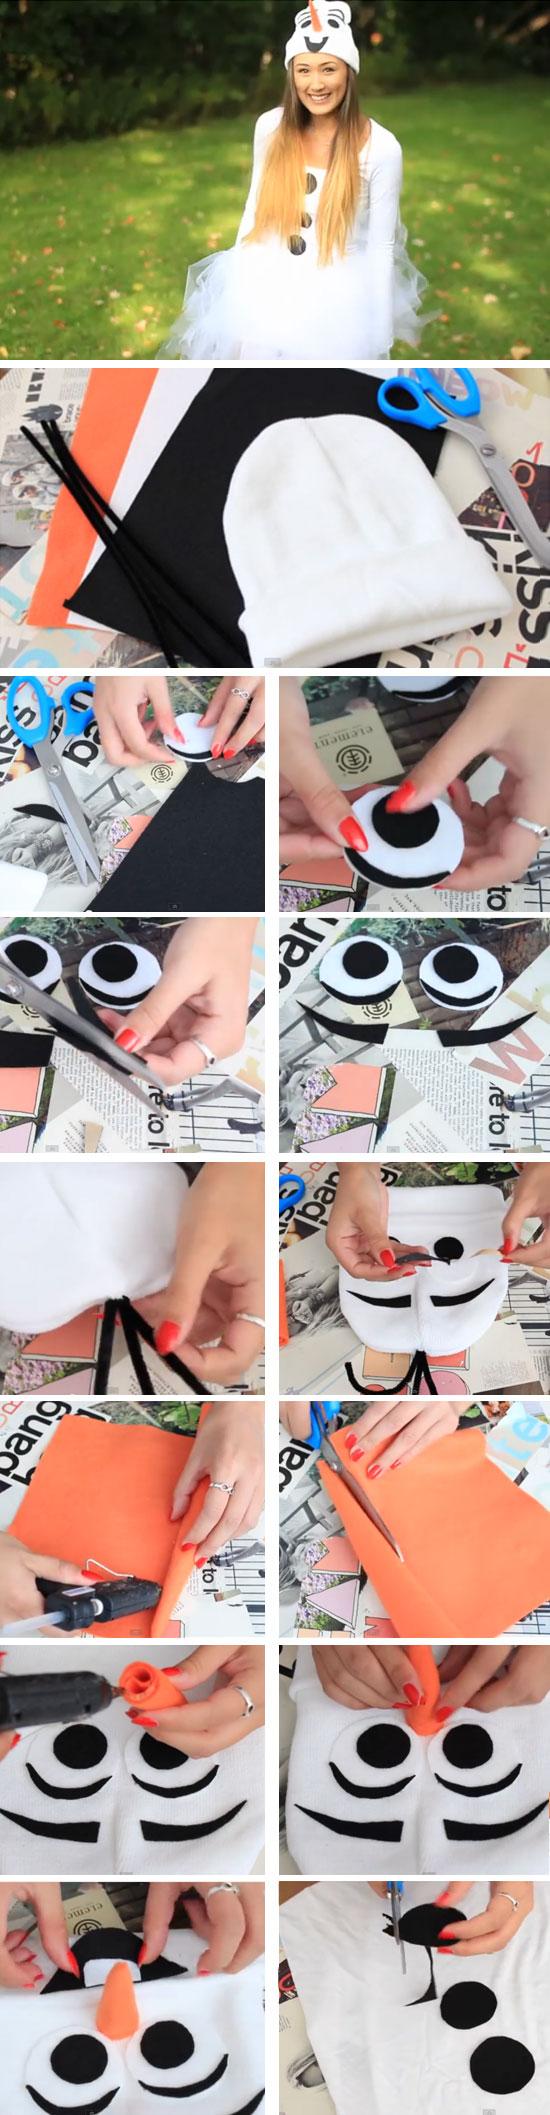 DIY Olaf Costume.